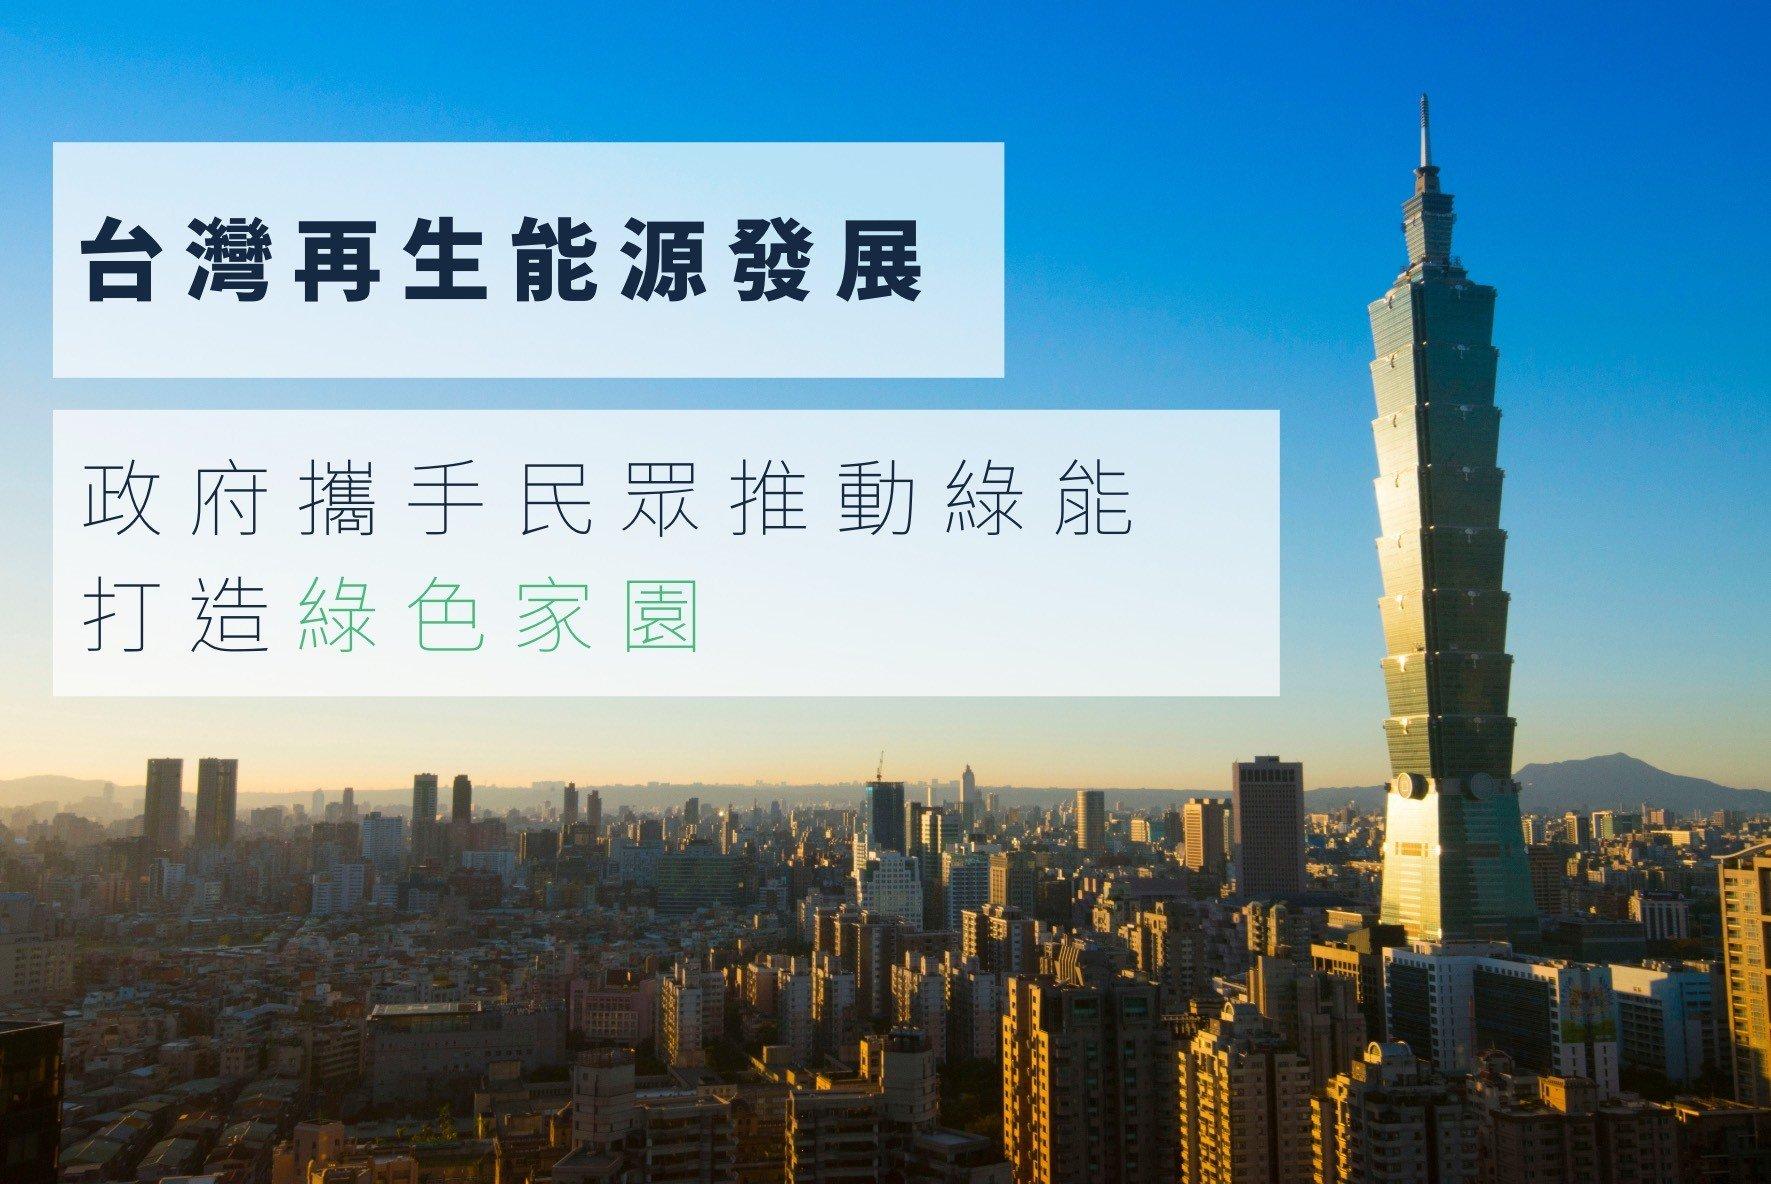 台灣再生能源發展:政府攜手民眾推動綠能,打造綠色家園